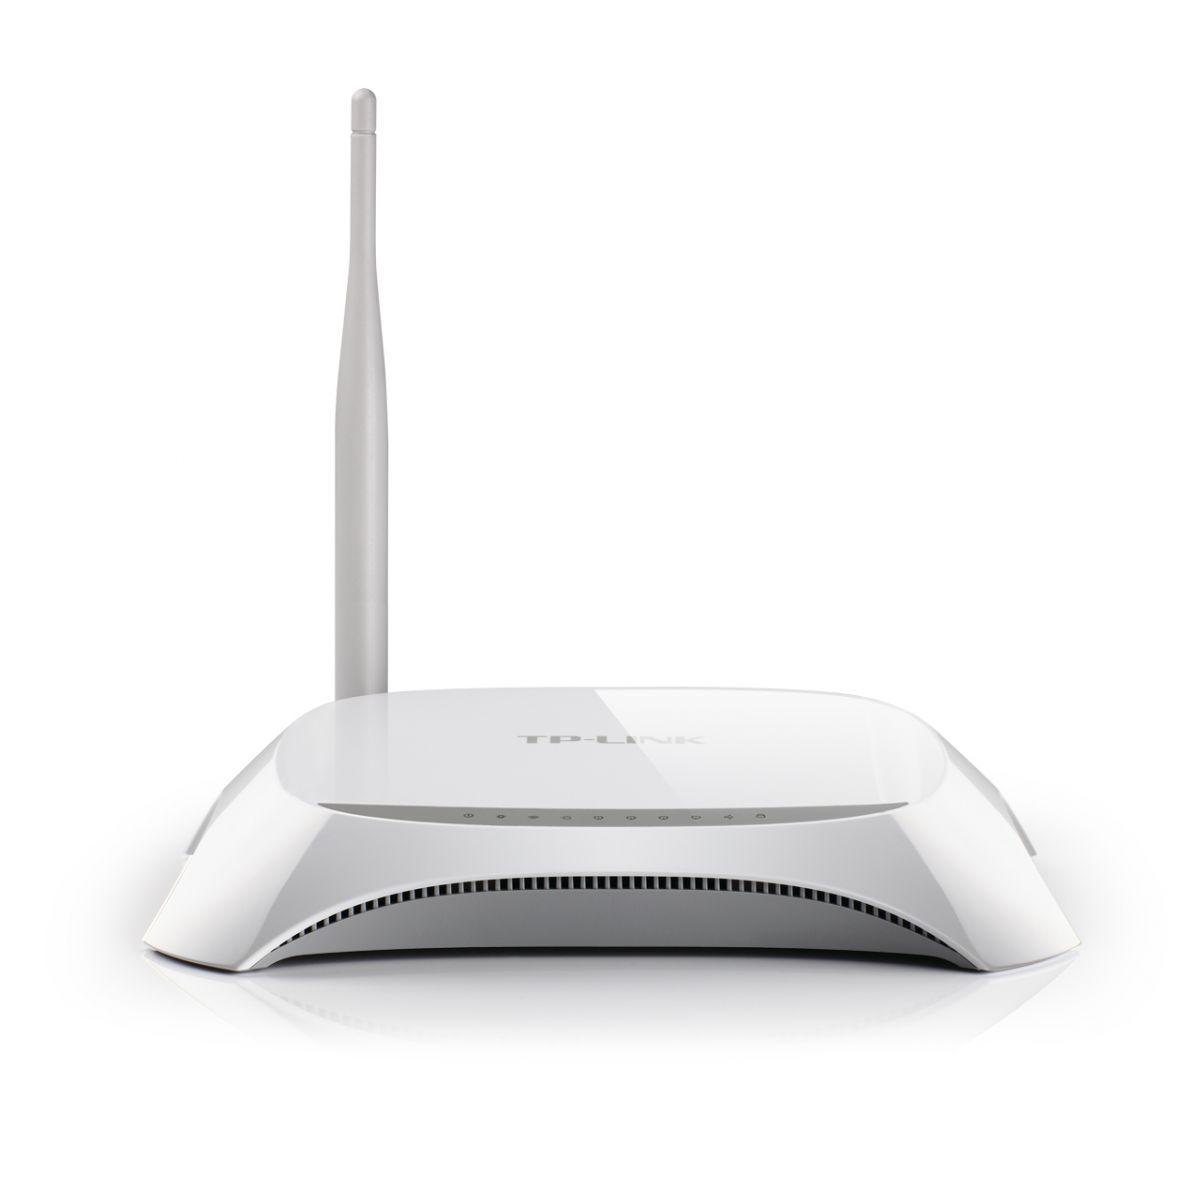 Roteador 3G Tp-Link Wireless TL-MR3220  - ShopNoroeste.com.br